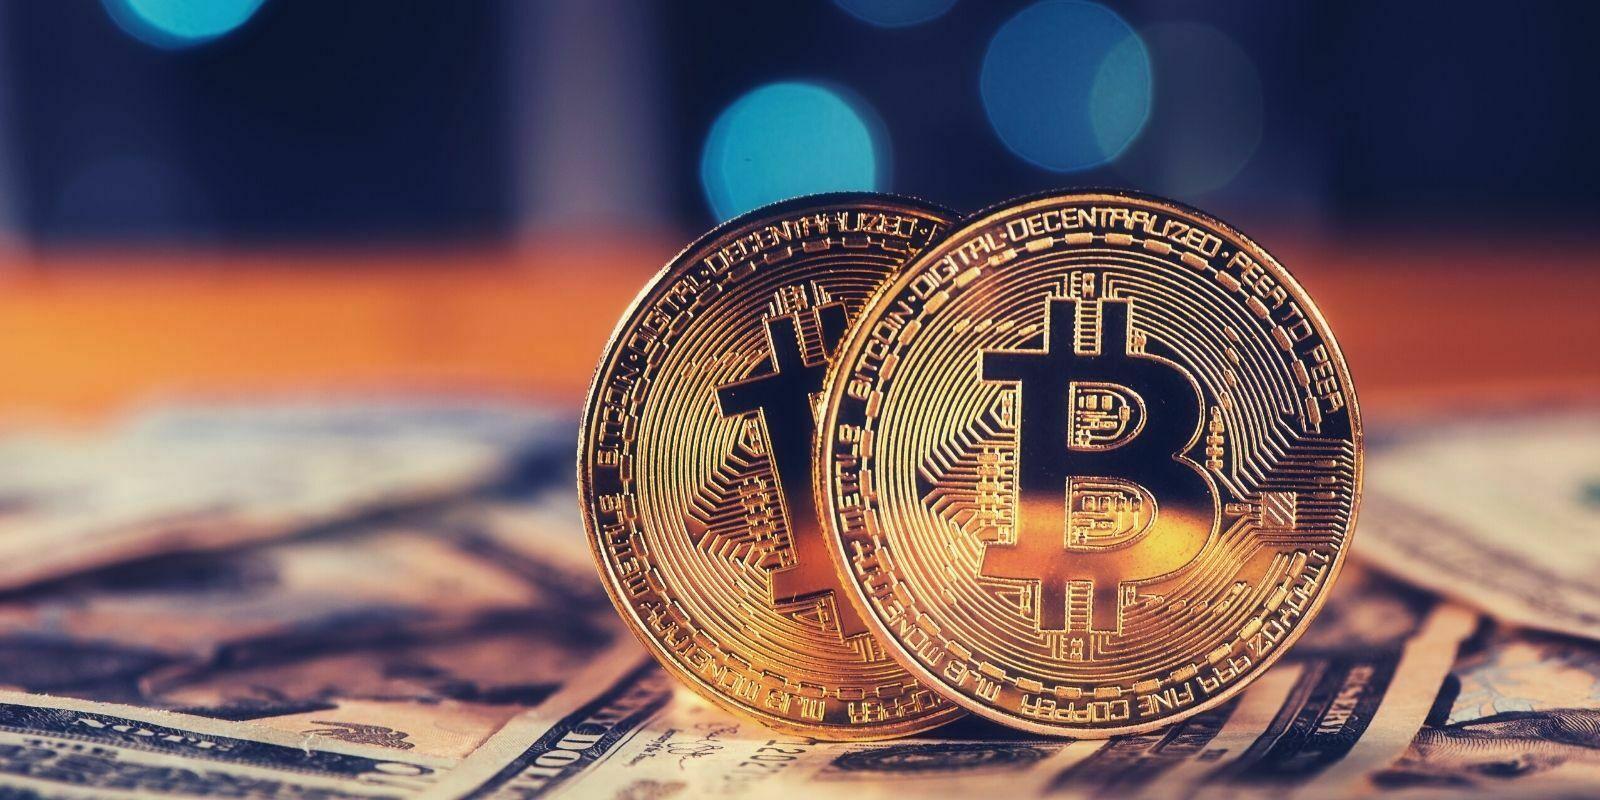 La capitalisation totale des cryptomonnaies dépasse les 1 000 milliards de dollars